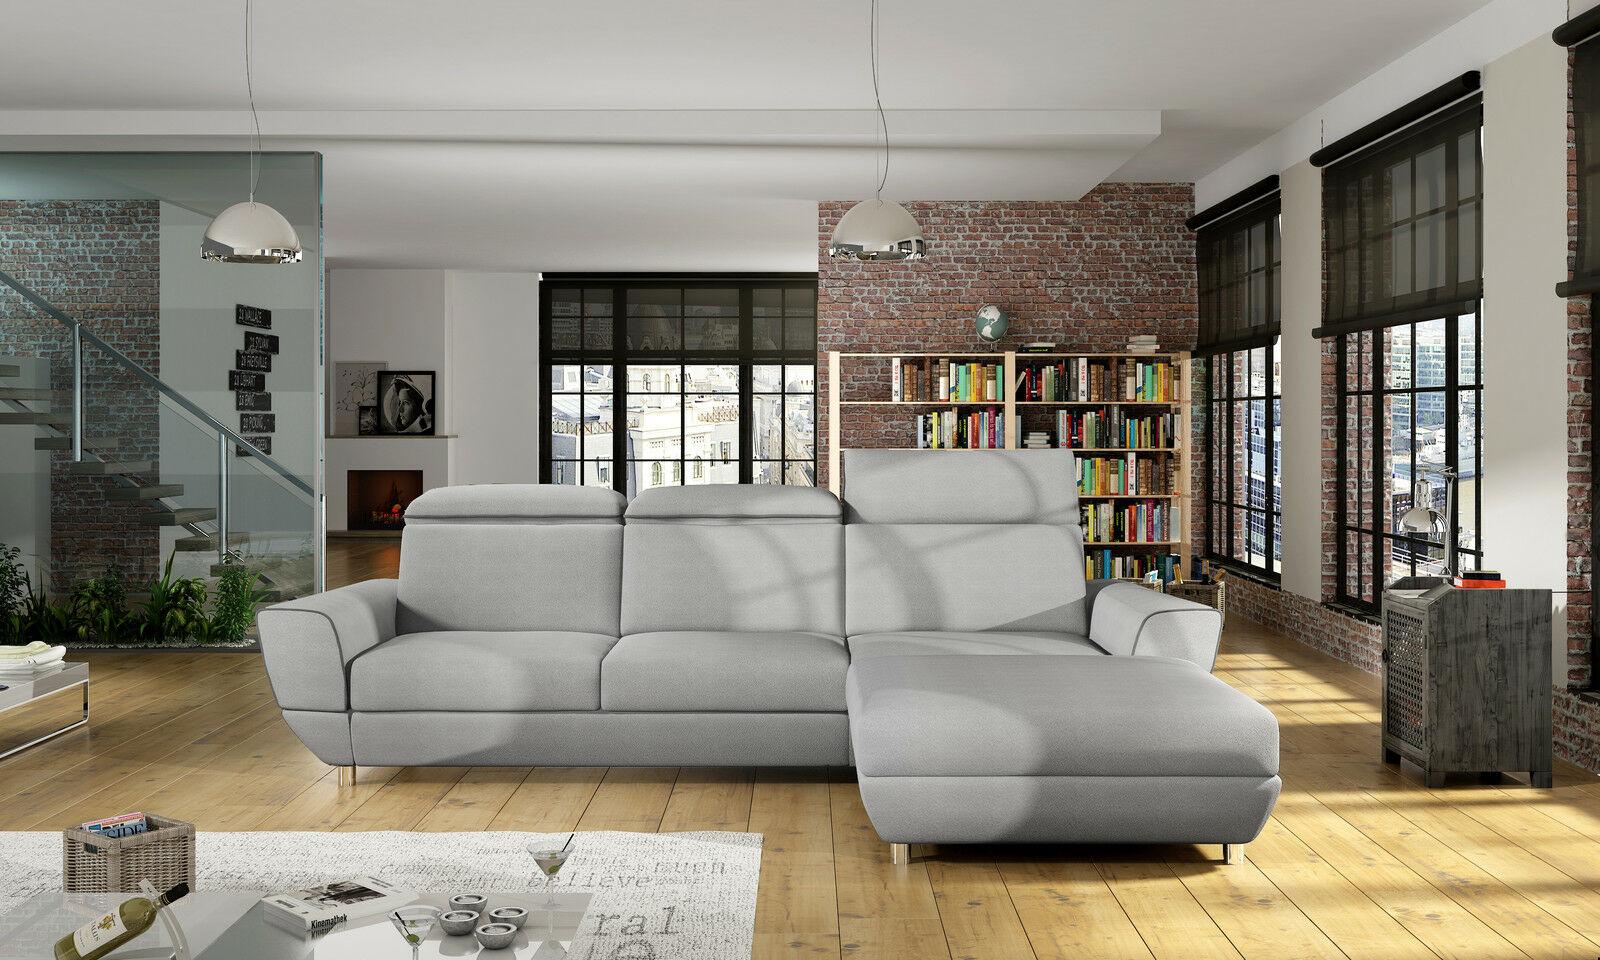 Couchgarnitur Bueno L Sofa Mit Schlaffunktion Couch Polsterecke